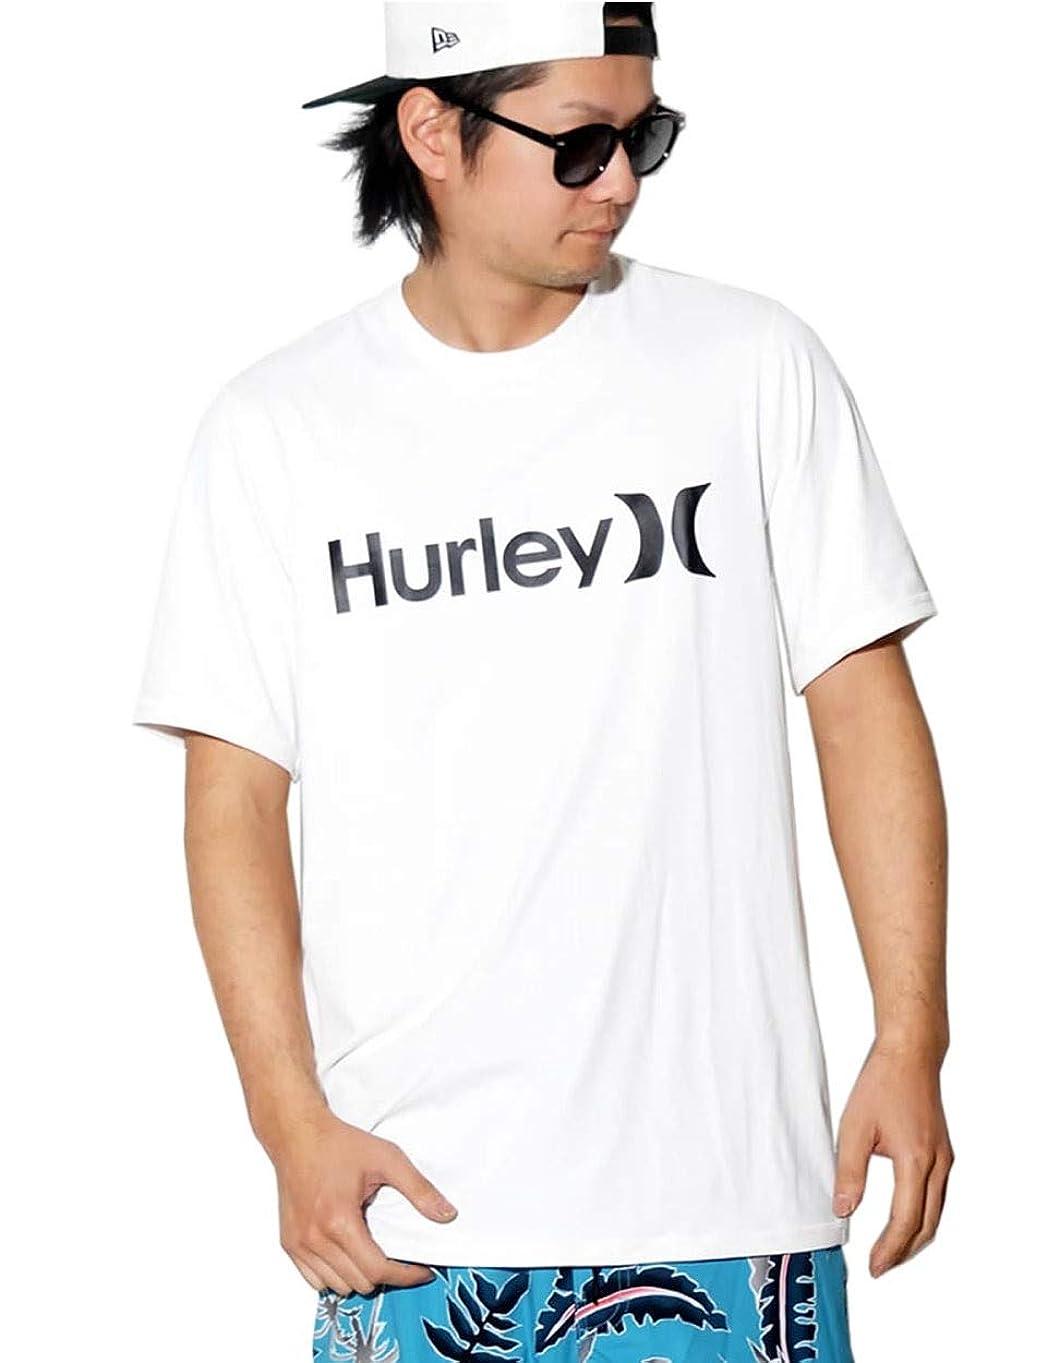 純粋に注意悪化させる(ハーレー) Hurley ラッシュガード メンズ 半袖 サーフトップ 夏 b系 ストリート系 ファッション 894630 5カラー [並行輸入品]